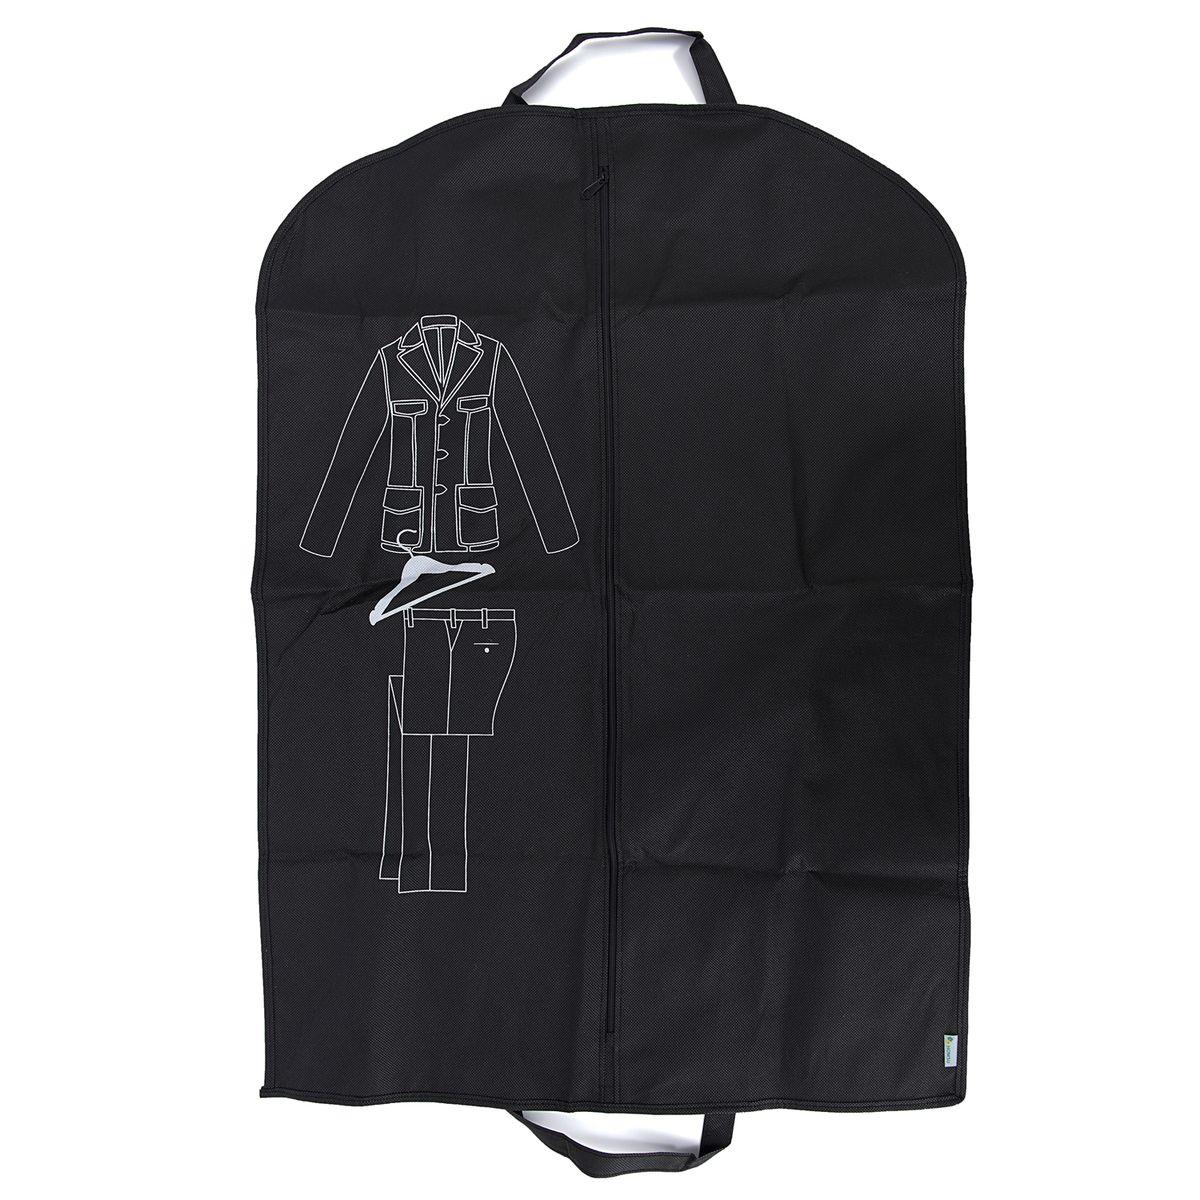 Чехол для костюма Homsu Men in Black, 90 х 60 смHOM-651Удобный чехол для хранения и перевозки одежды. Изготовлен из высококачественного материала, поможет полноценно сберечь вашу одежду, как в домашнем хранении, так и во время транспортировки. Размер изделия:90x60см.